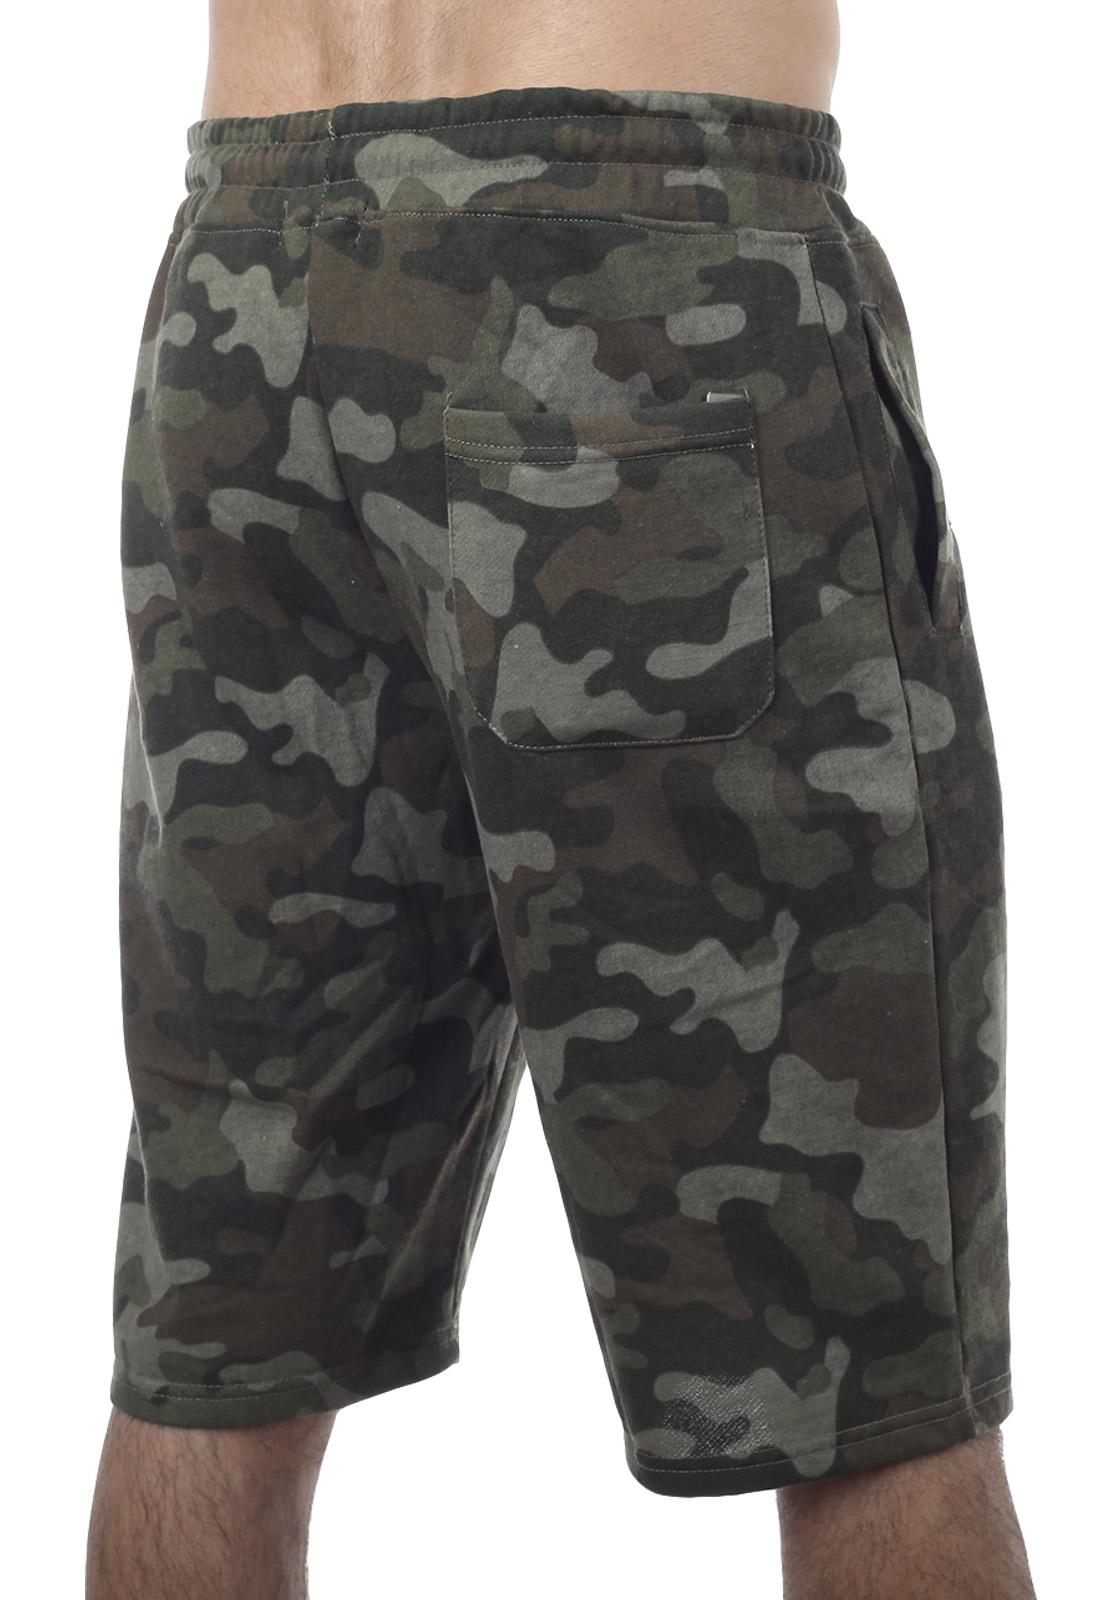 Камуфлированные мужские шорты с нашивкой Флот России - купить с доставкой